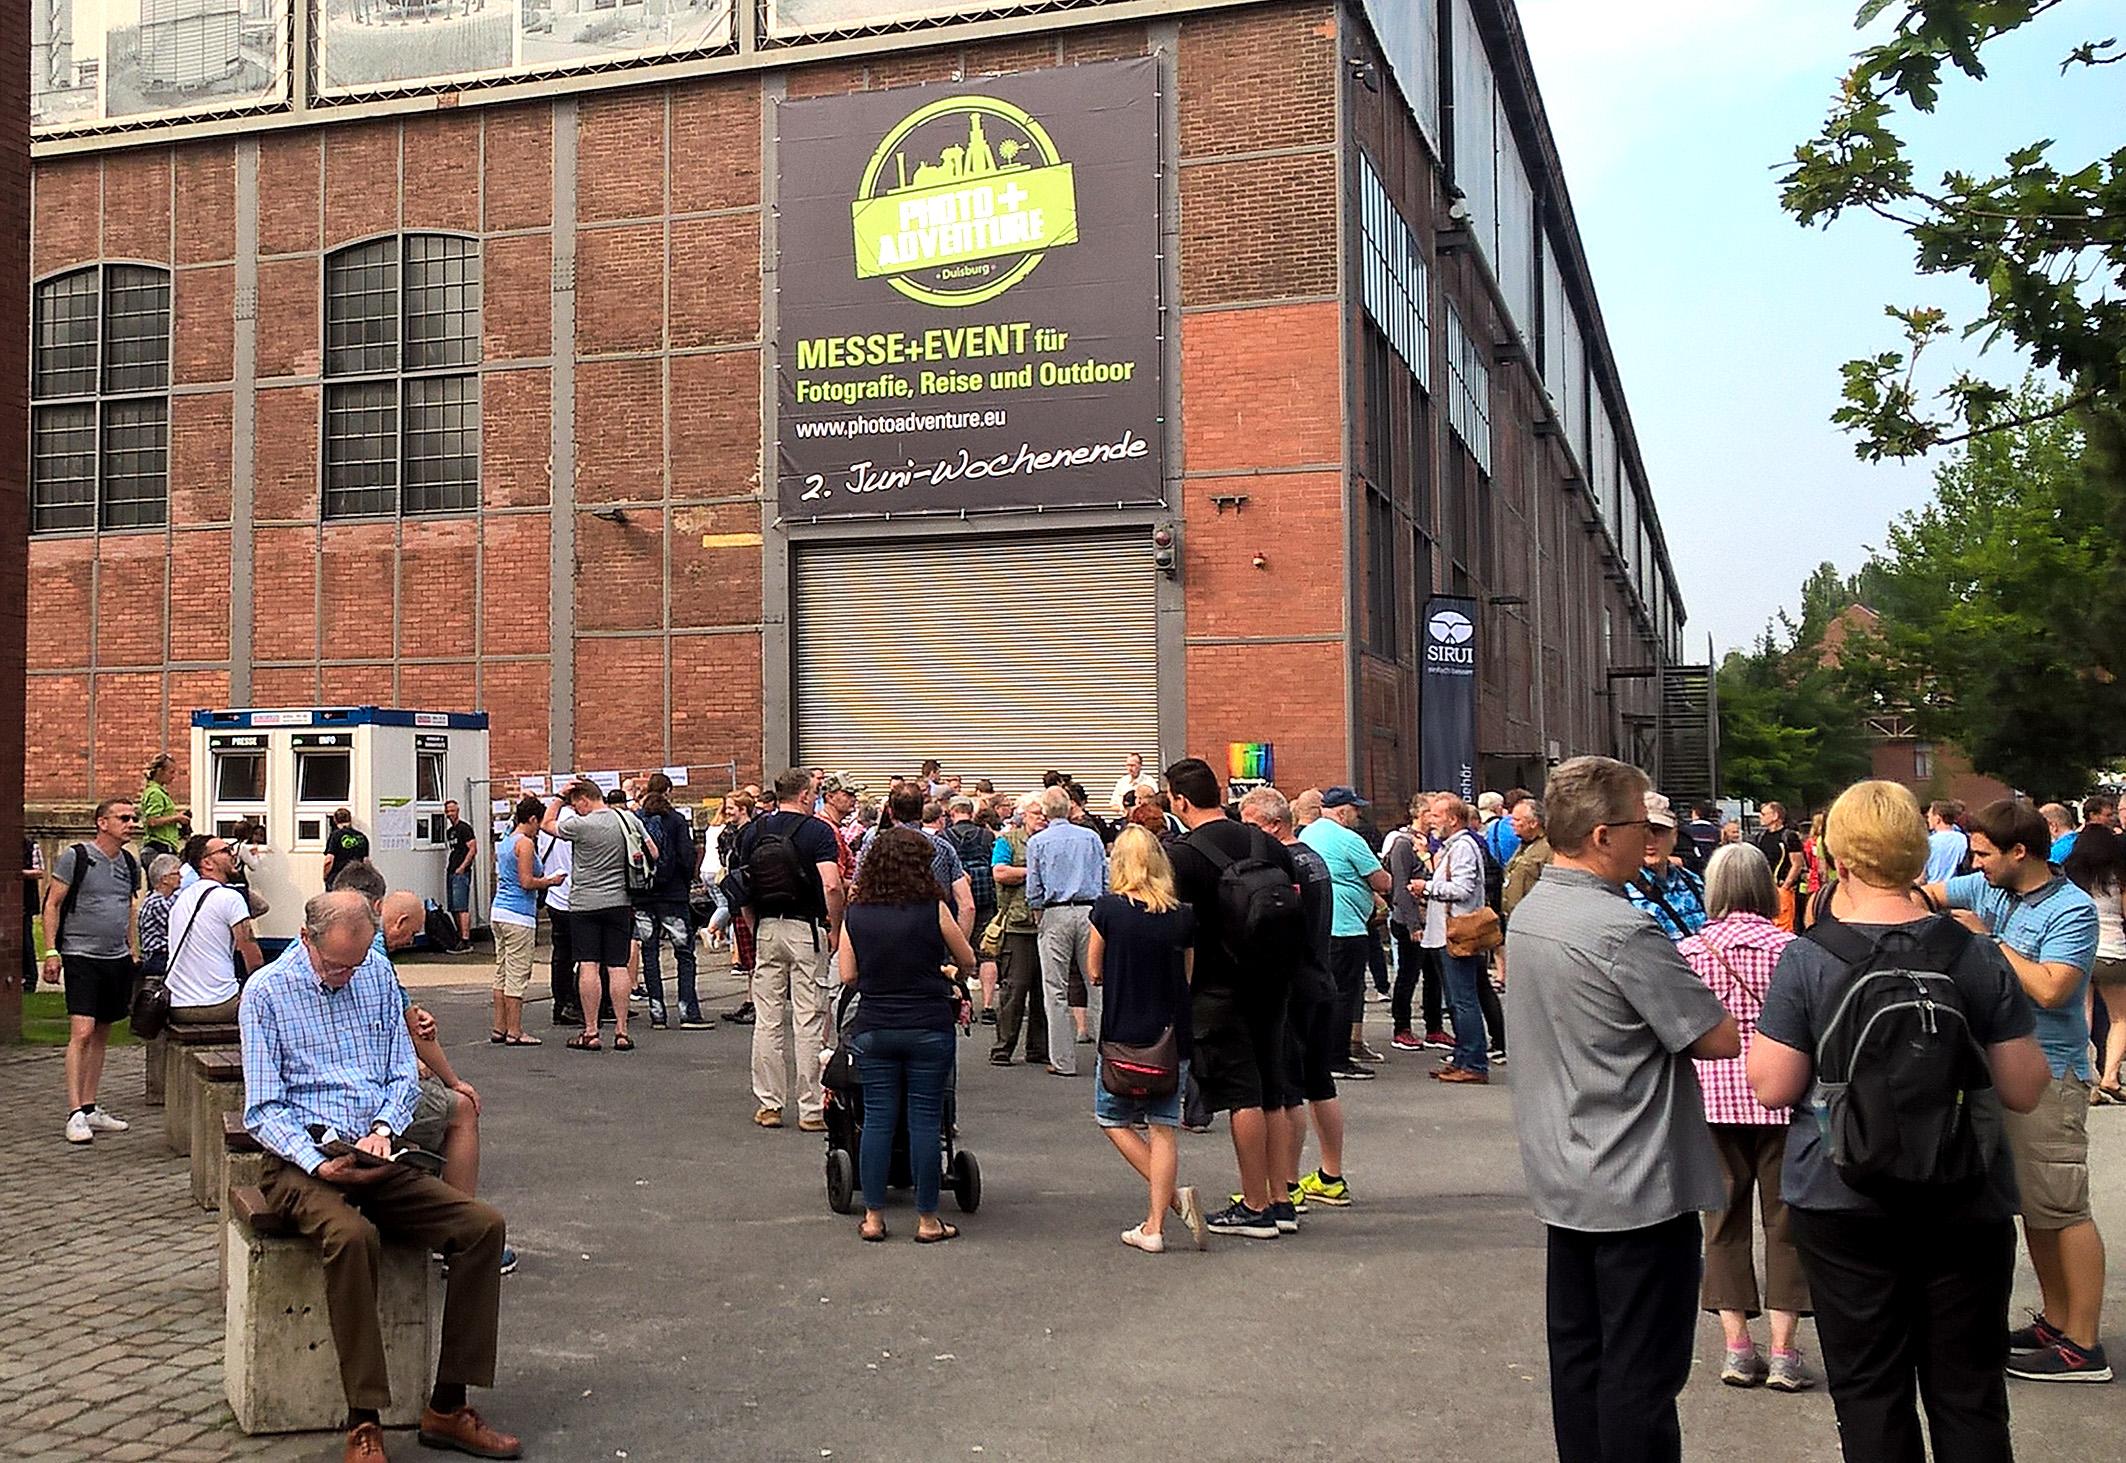 Foto: Michael B. Rehders - Bereits eine halbe Stunde vor Messe-Eröffnung tummelten sich zahlreiche Besucher vor dem Eingangstor